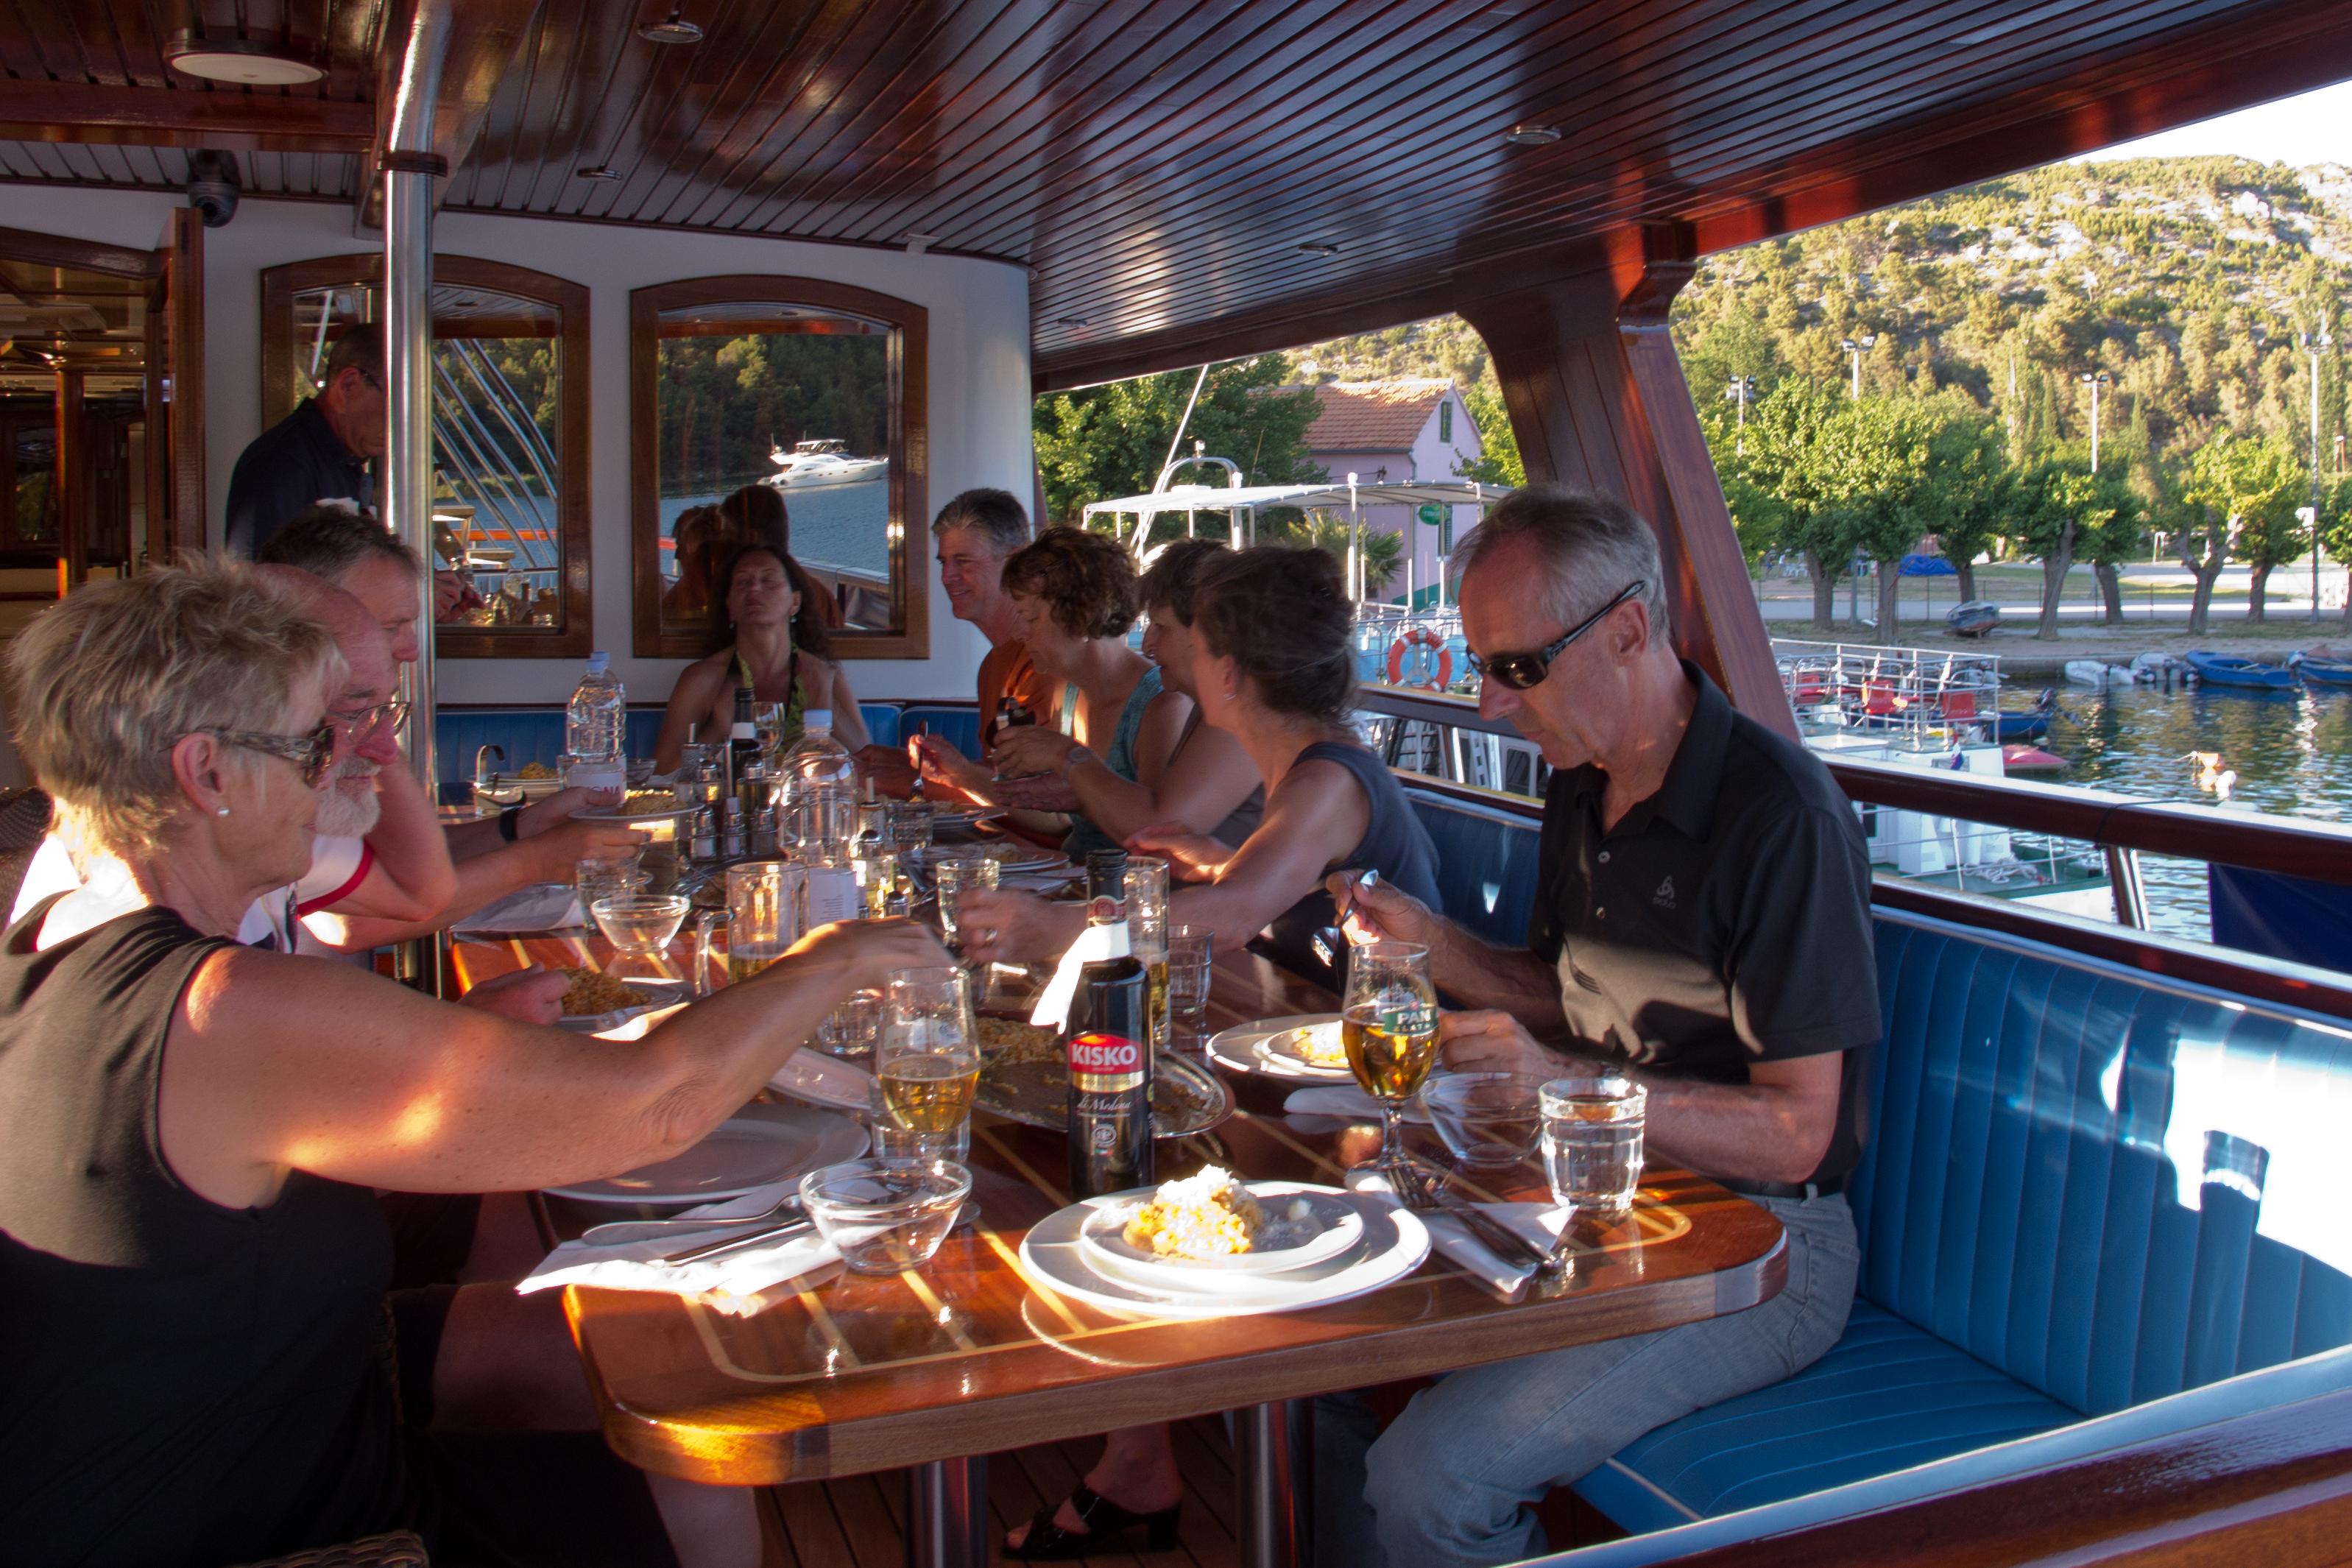 #977E34 Princess Diana passeio de bicleta   barco Tripsite Comfort  3195x2130 px tamanho banheiro adaptado